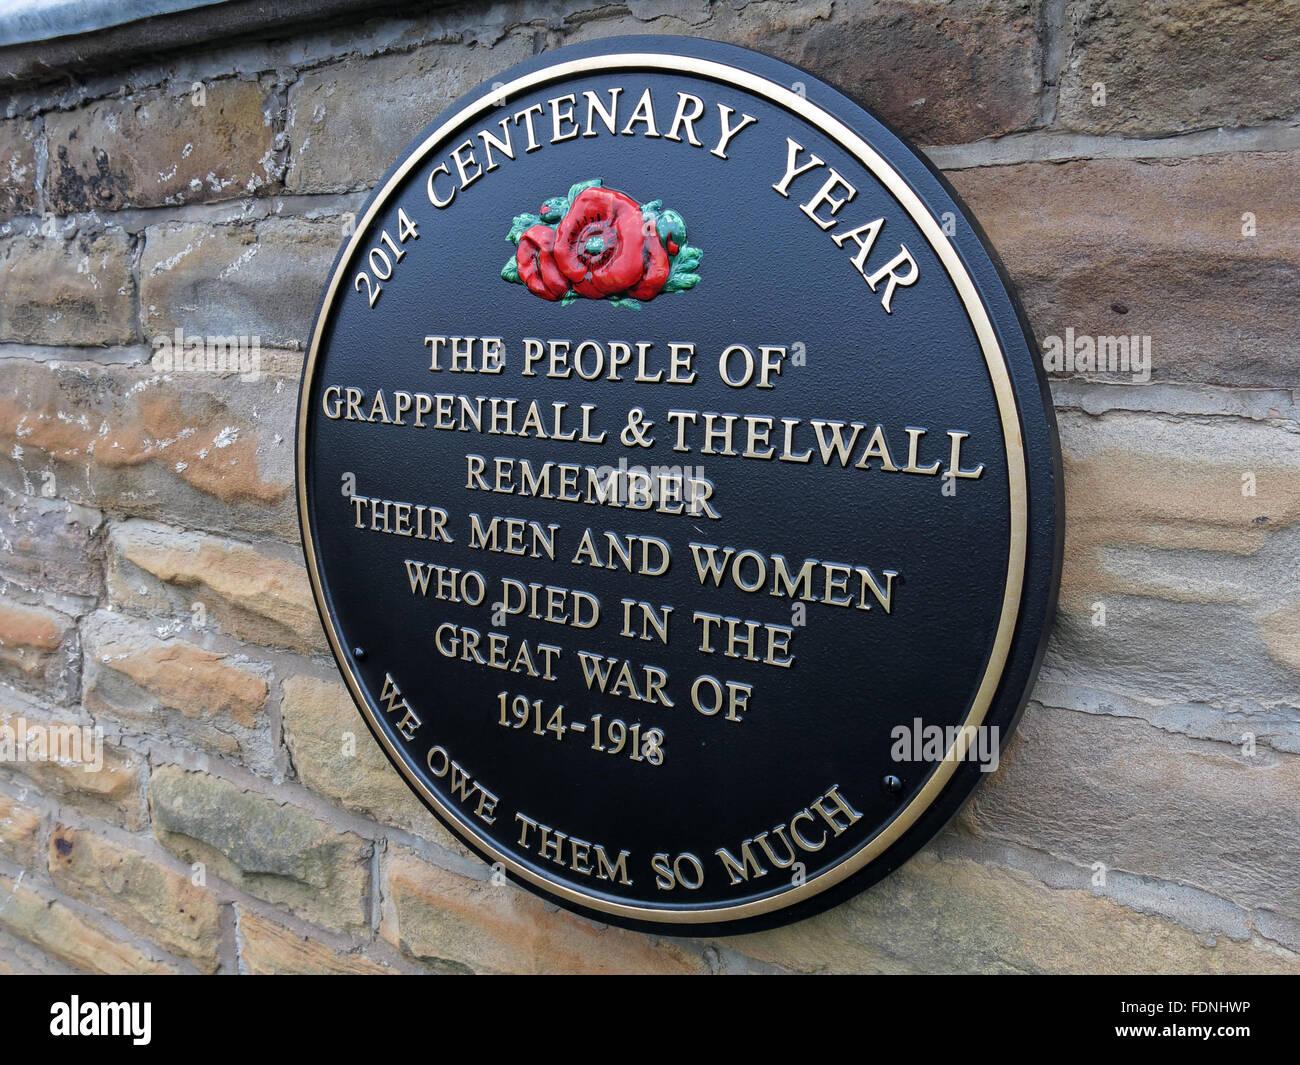 Laden Sie dieses Alamy Stockfoto 2014 Jubiläumsjahr Plaque, Grappenhall & Thelwalls - Weltkrieg 1914-1918, Cheshire, England, UK - Evangelisch-methodistische Kirche - FDNHWP